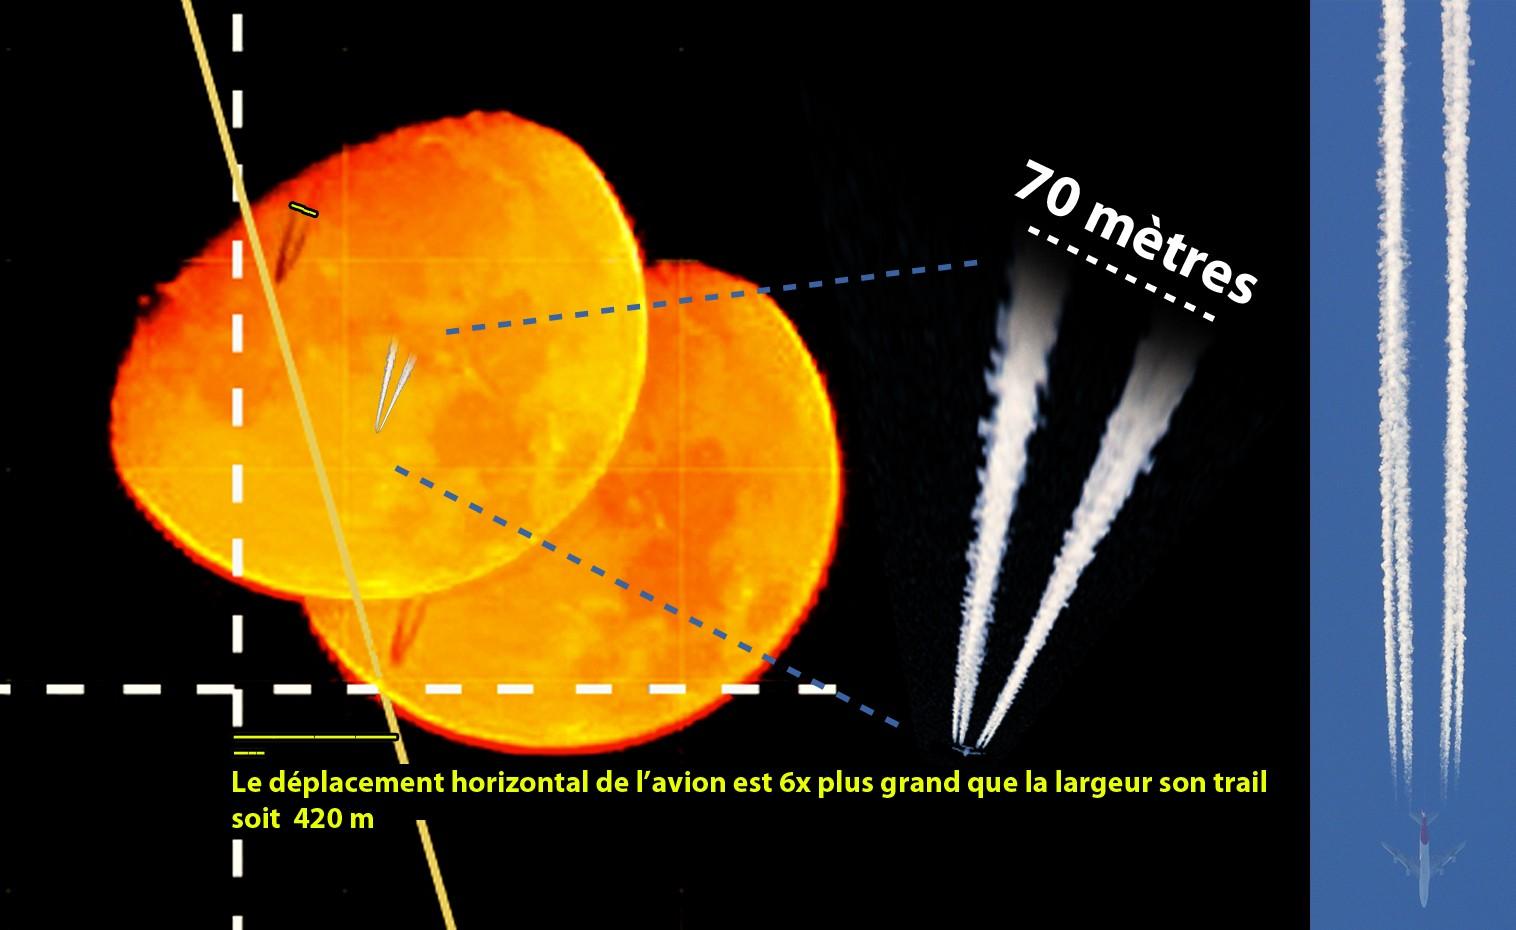 Analyse de la vidéo présentée par Mr Louange dans l'émission des Bogdanof - Page 17 Image-11